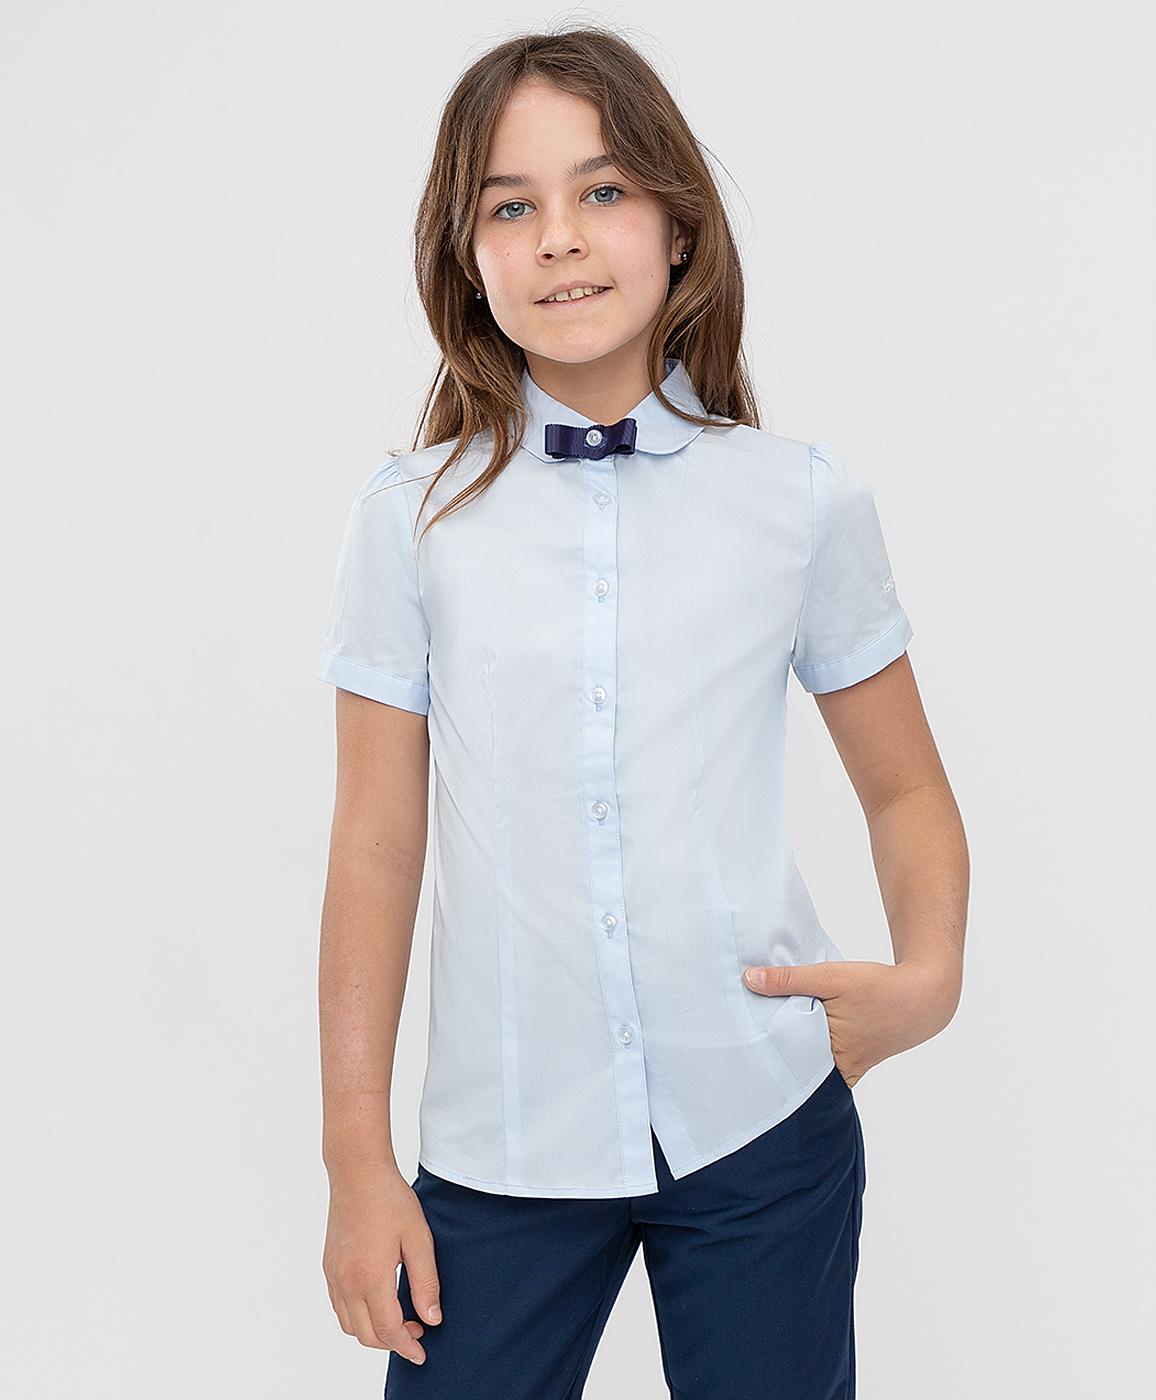 Купить 221BBGS22061800, Блузка голубая с коротким рукавом Button Blue, 170, Хлопок, Женский, ШКОЛЬНАЯ ФОРМА 2021-2022 (shop: GulliverMarket Gulliver Market)